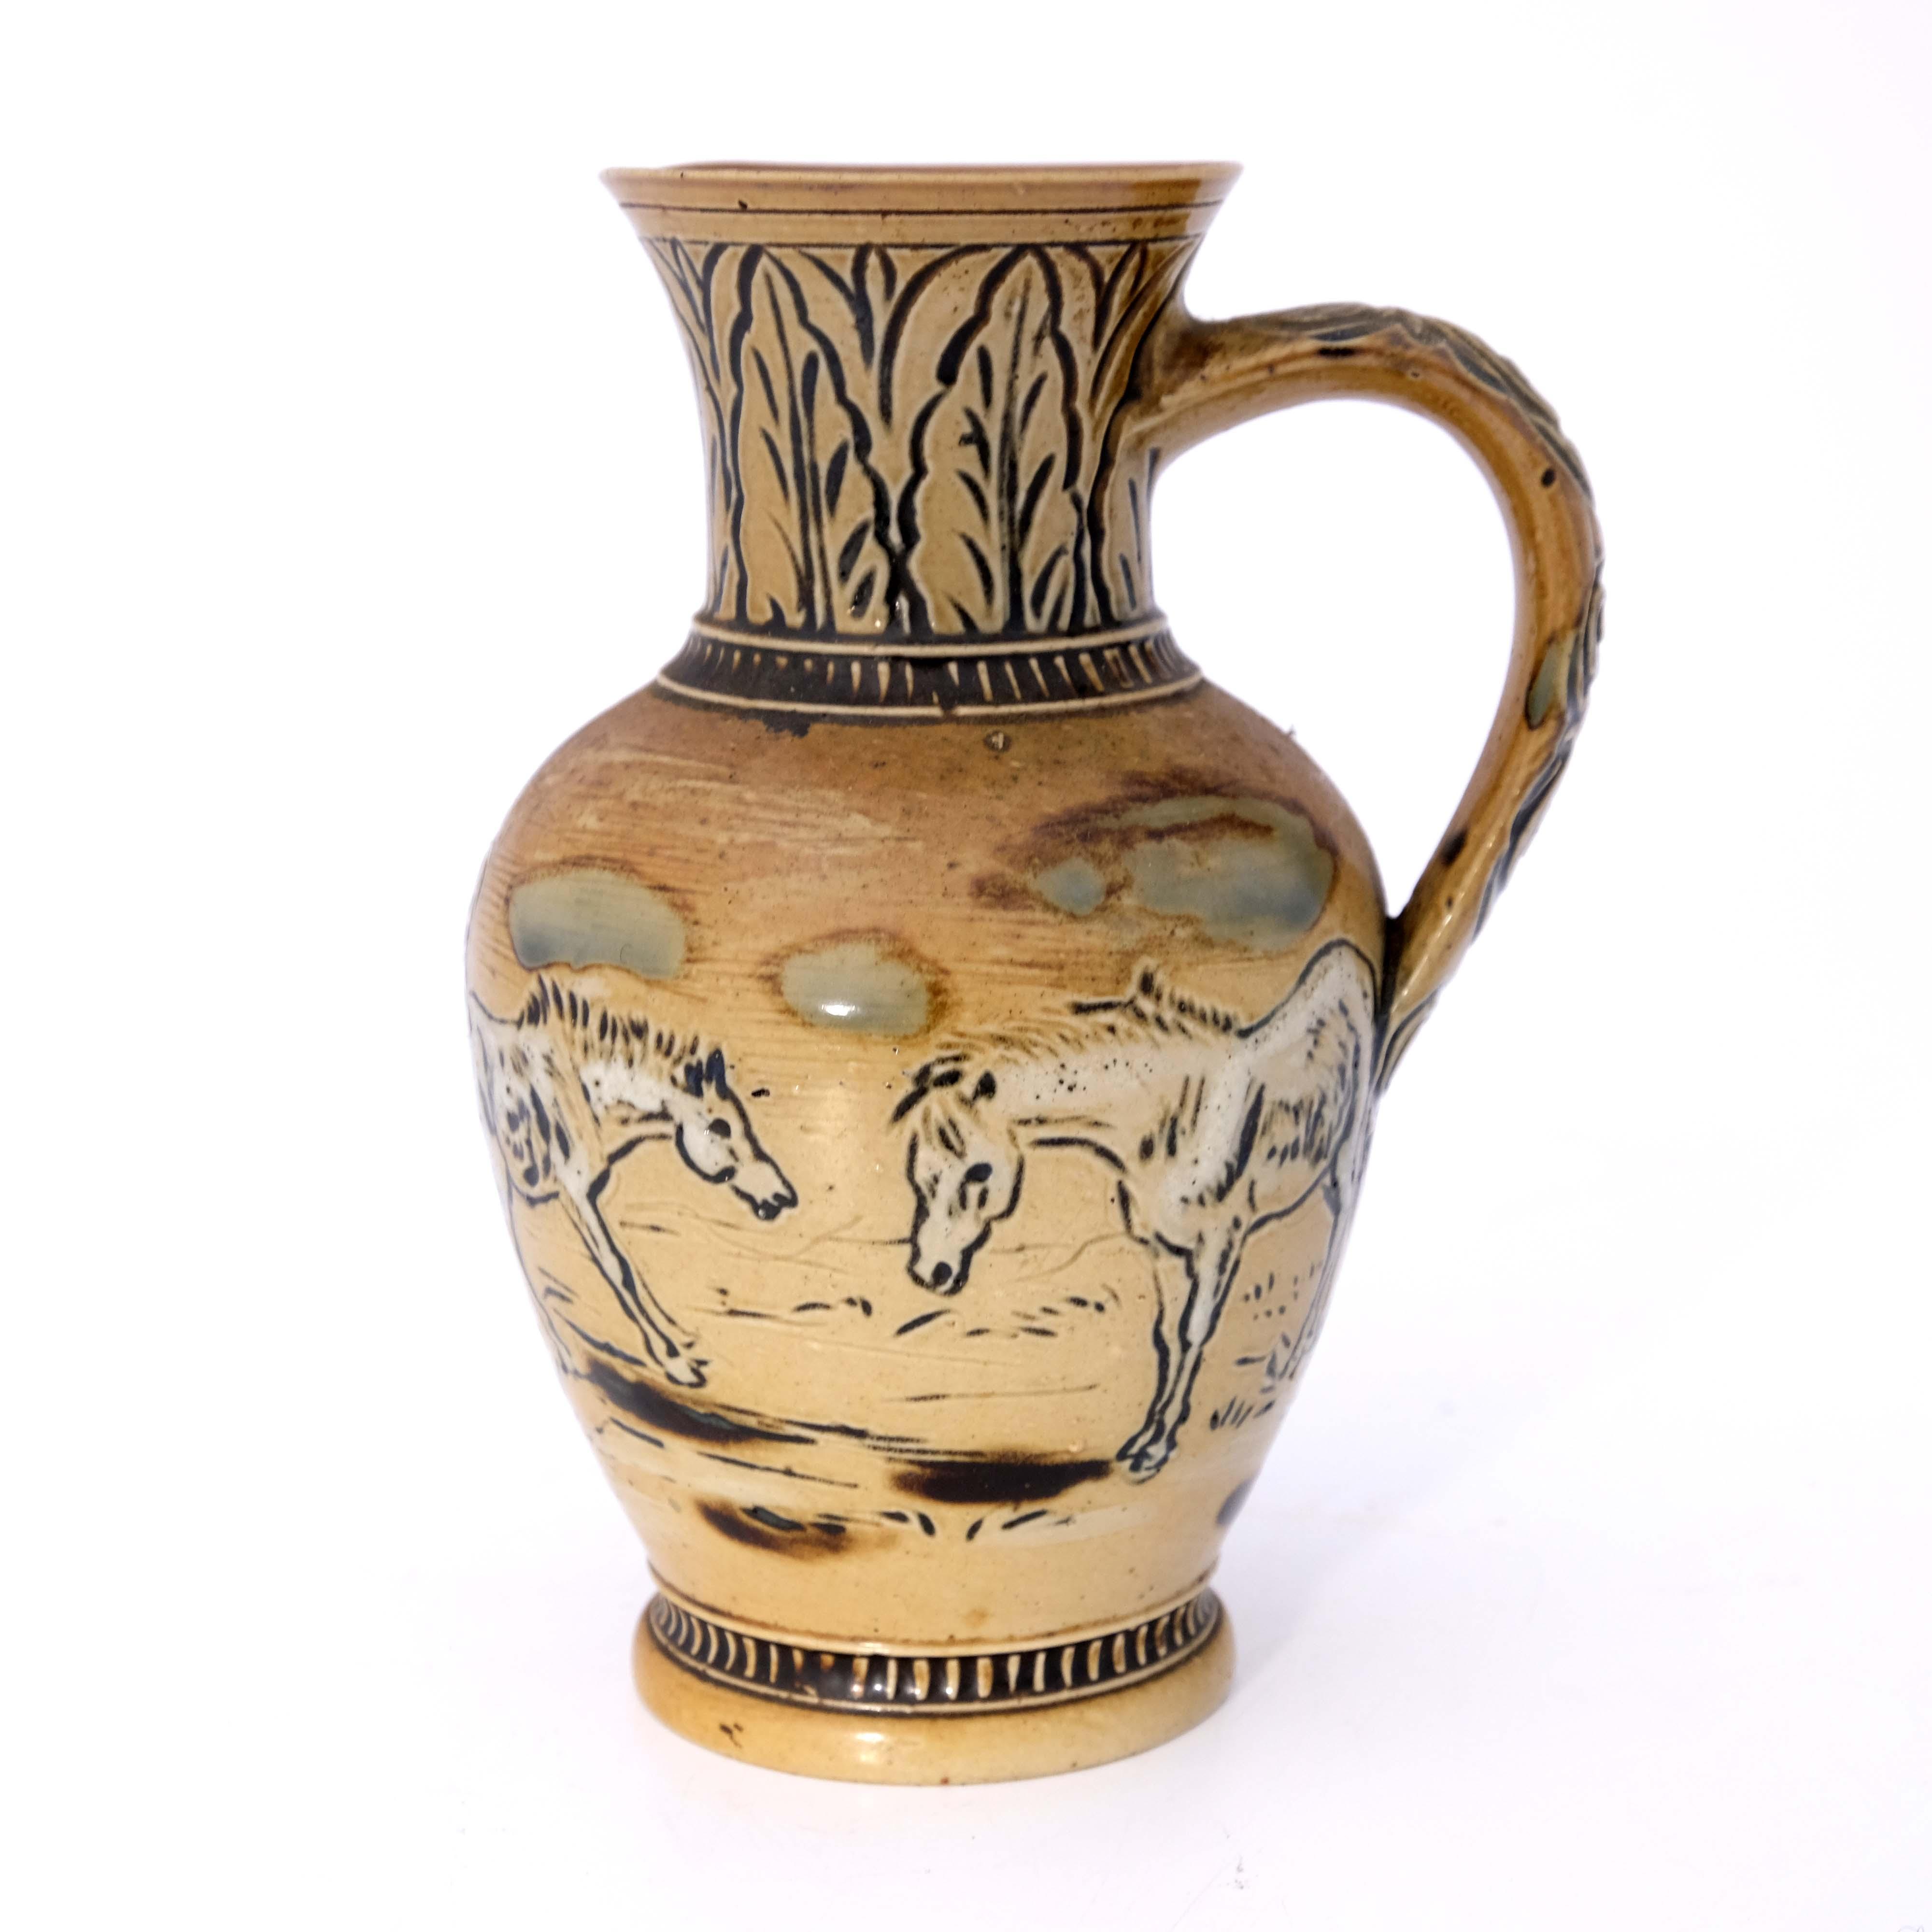 Hannah Barlow for Doulton Lambeth, a stoneware jug - Image 3 of 6